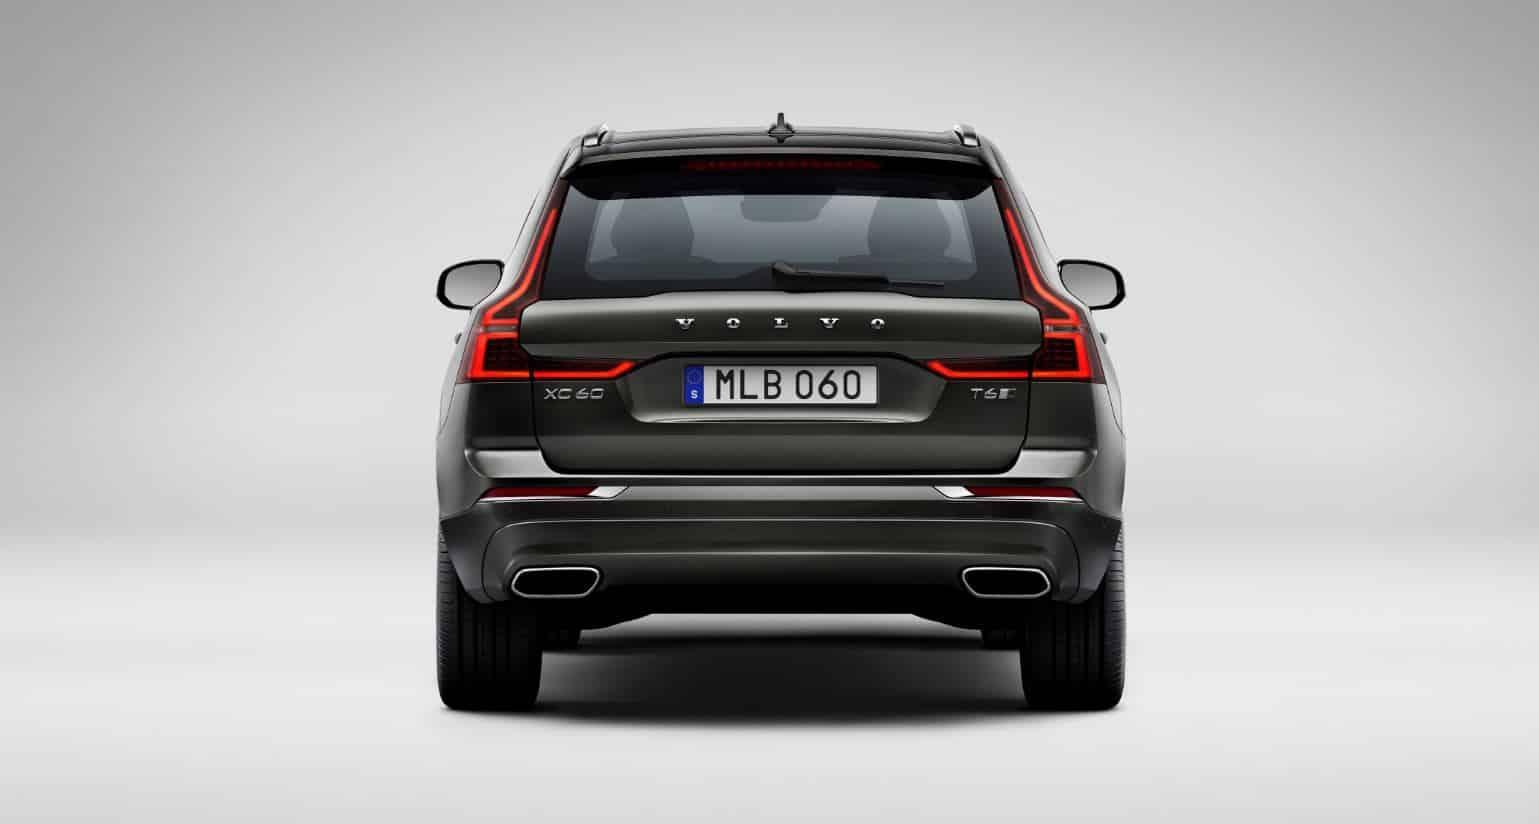 161 Oficial As 237 Es El Nuevo Volvo Xc60 Un Xc90 A Escala Que Ser 225 Un Superventas